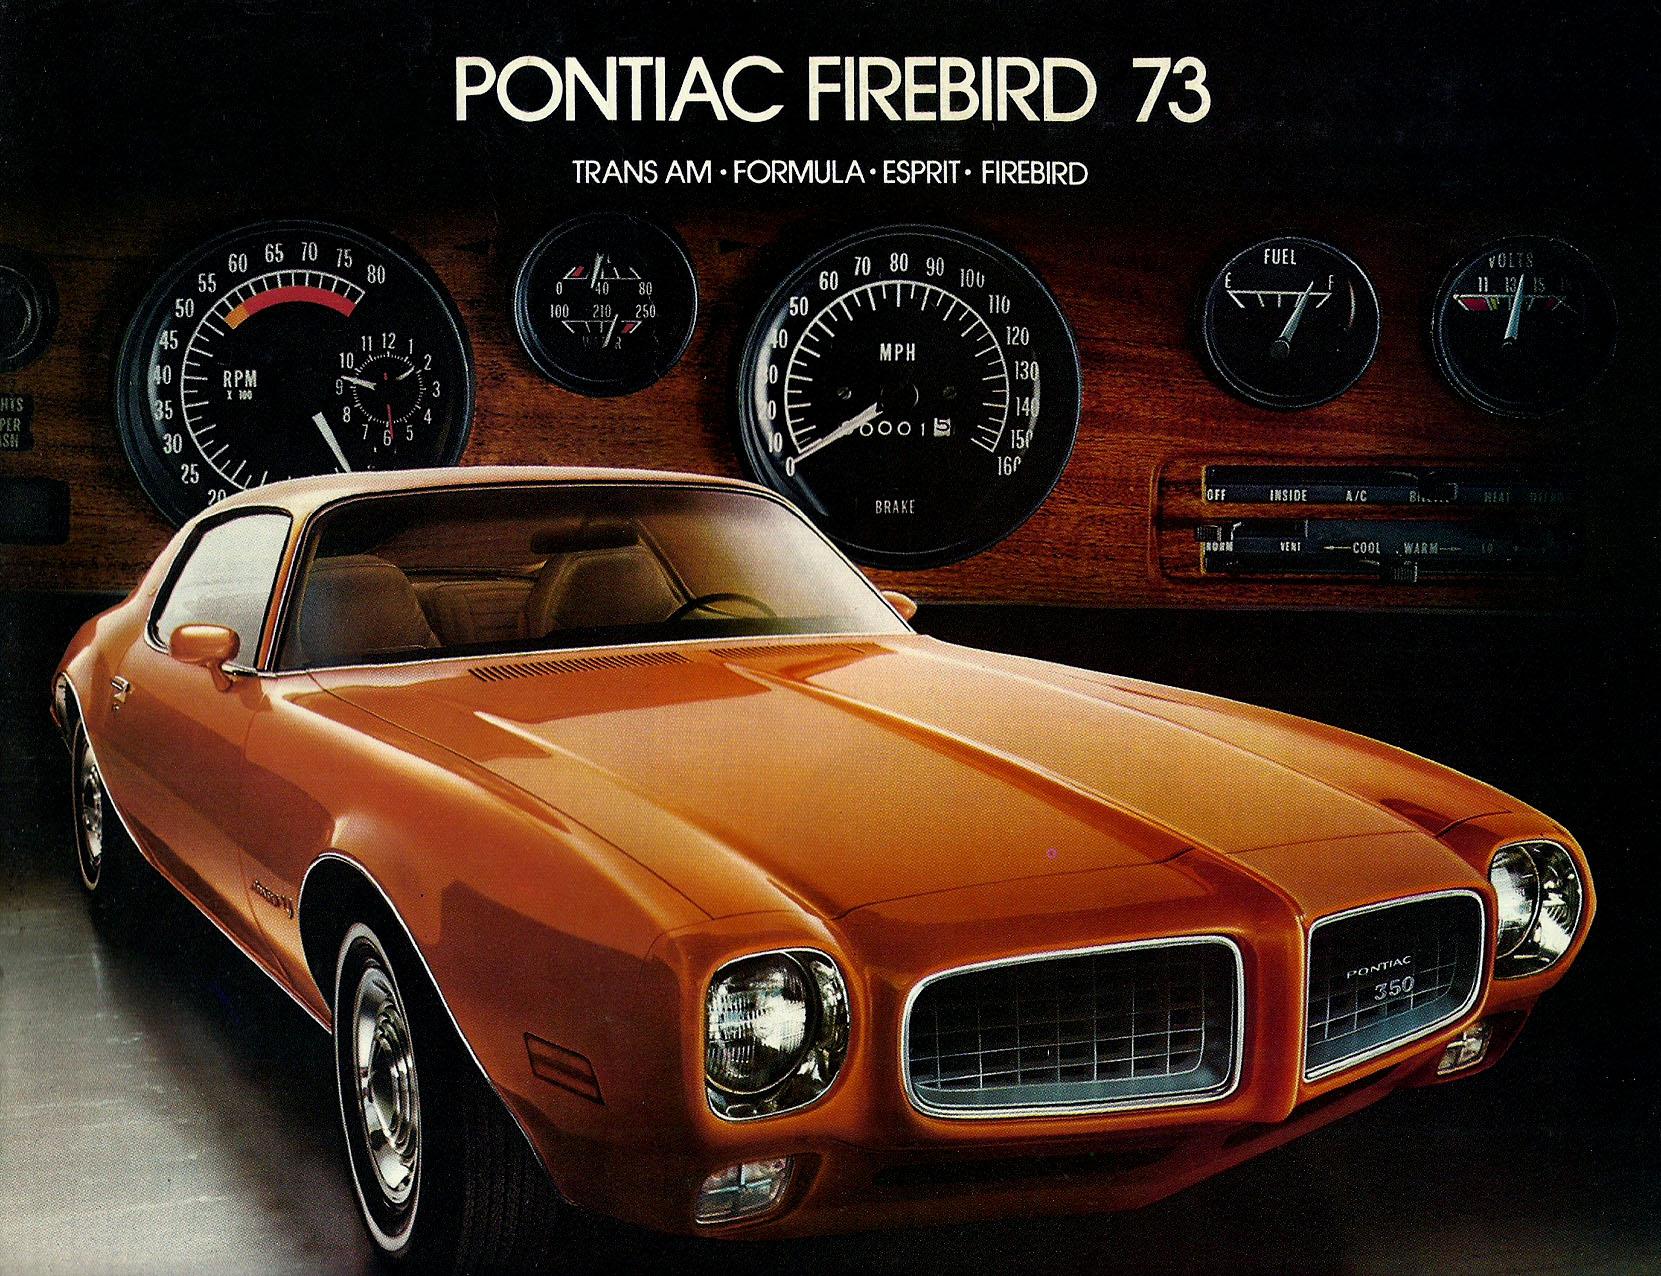 Hot Cars 1973 Pontiac Trans Am Specs Firebird